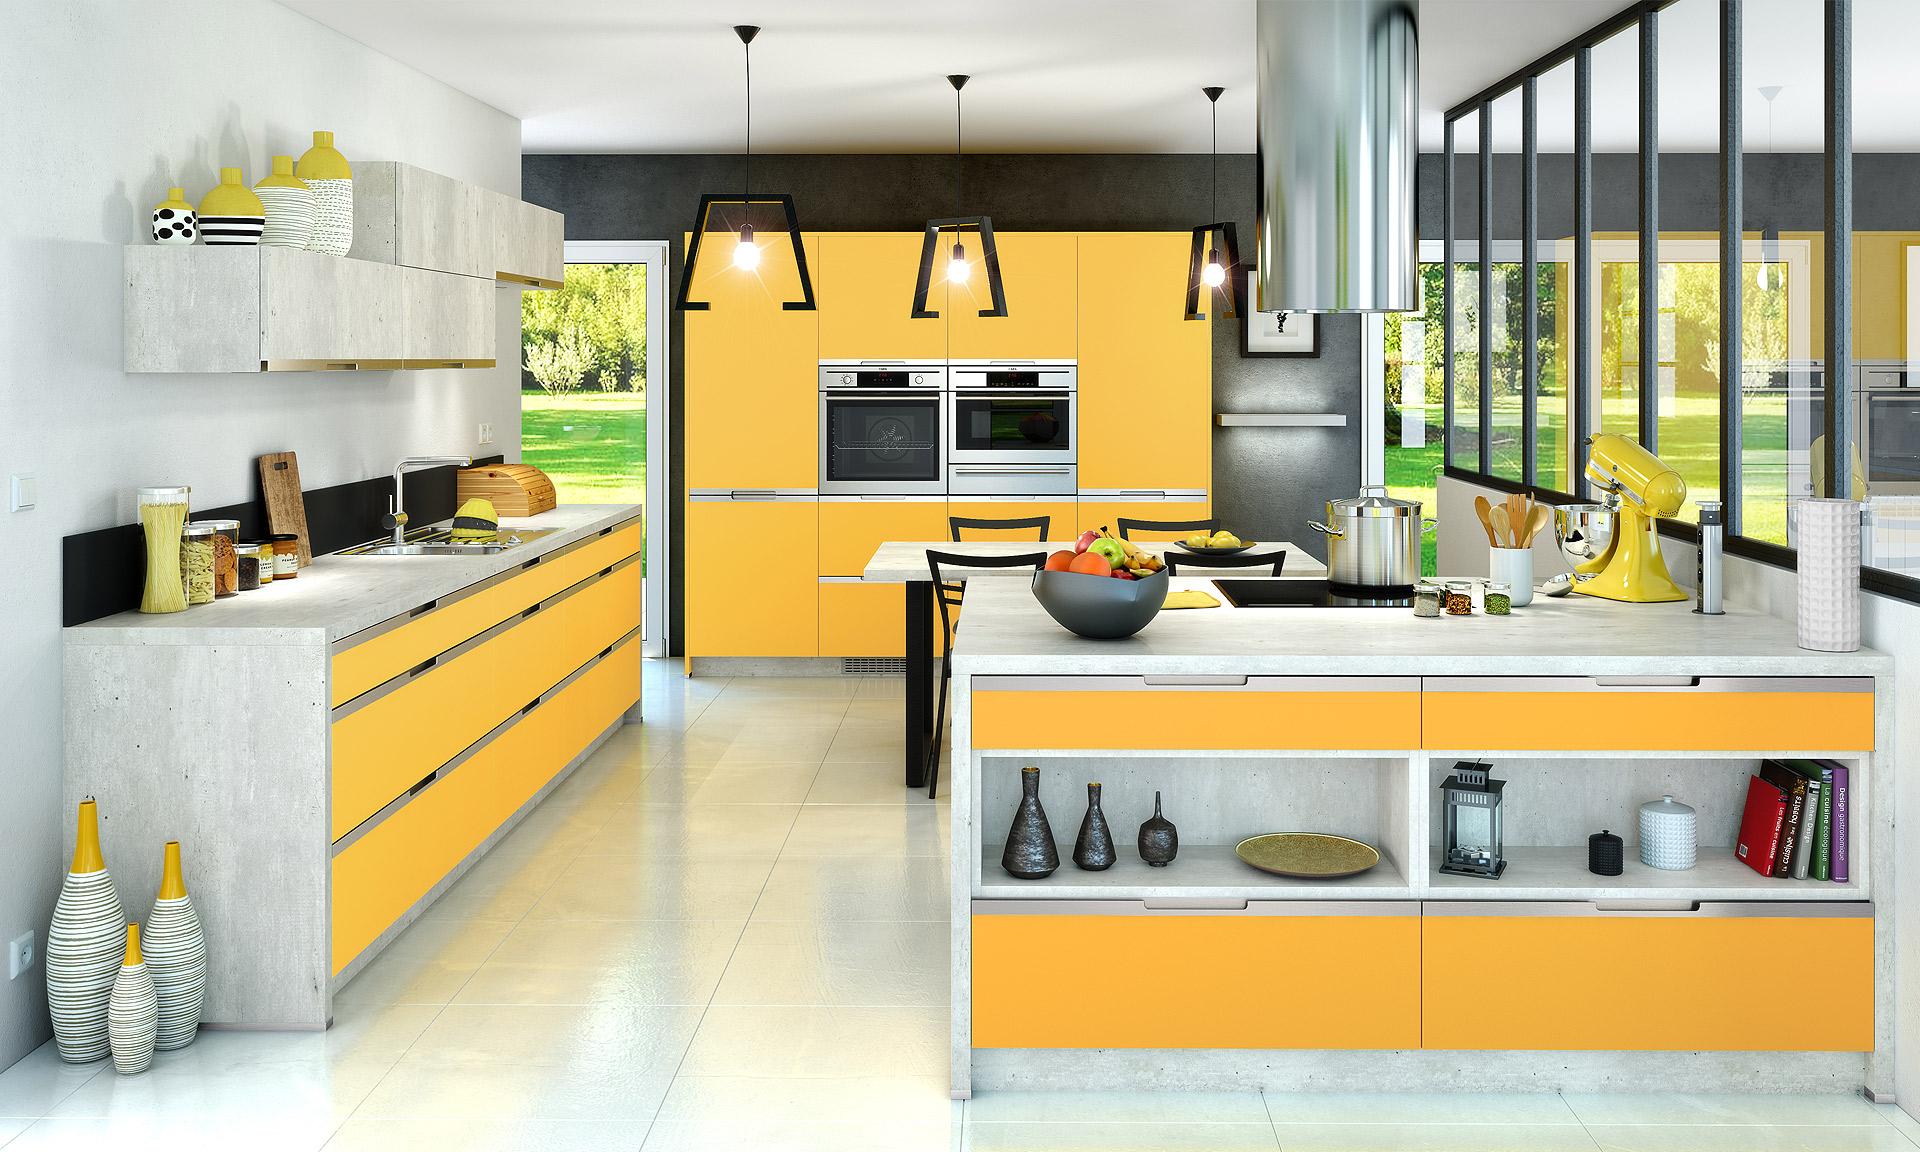 Radieuse, la cuisine Toundra en coloris jaune curcuma illumine la